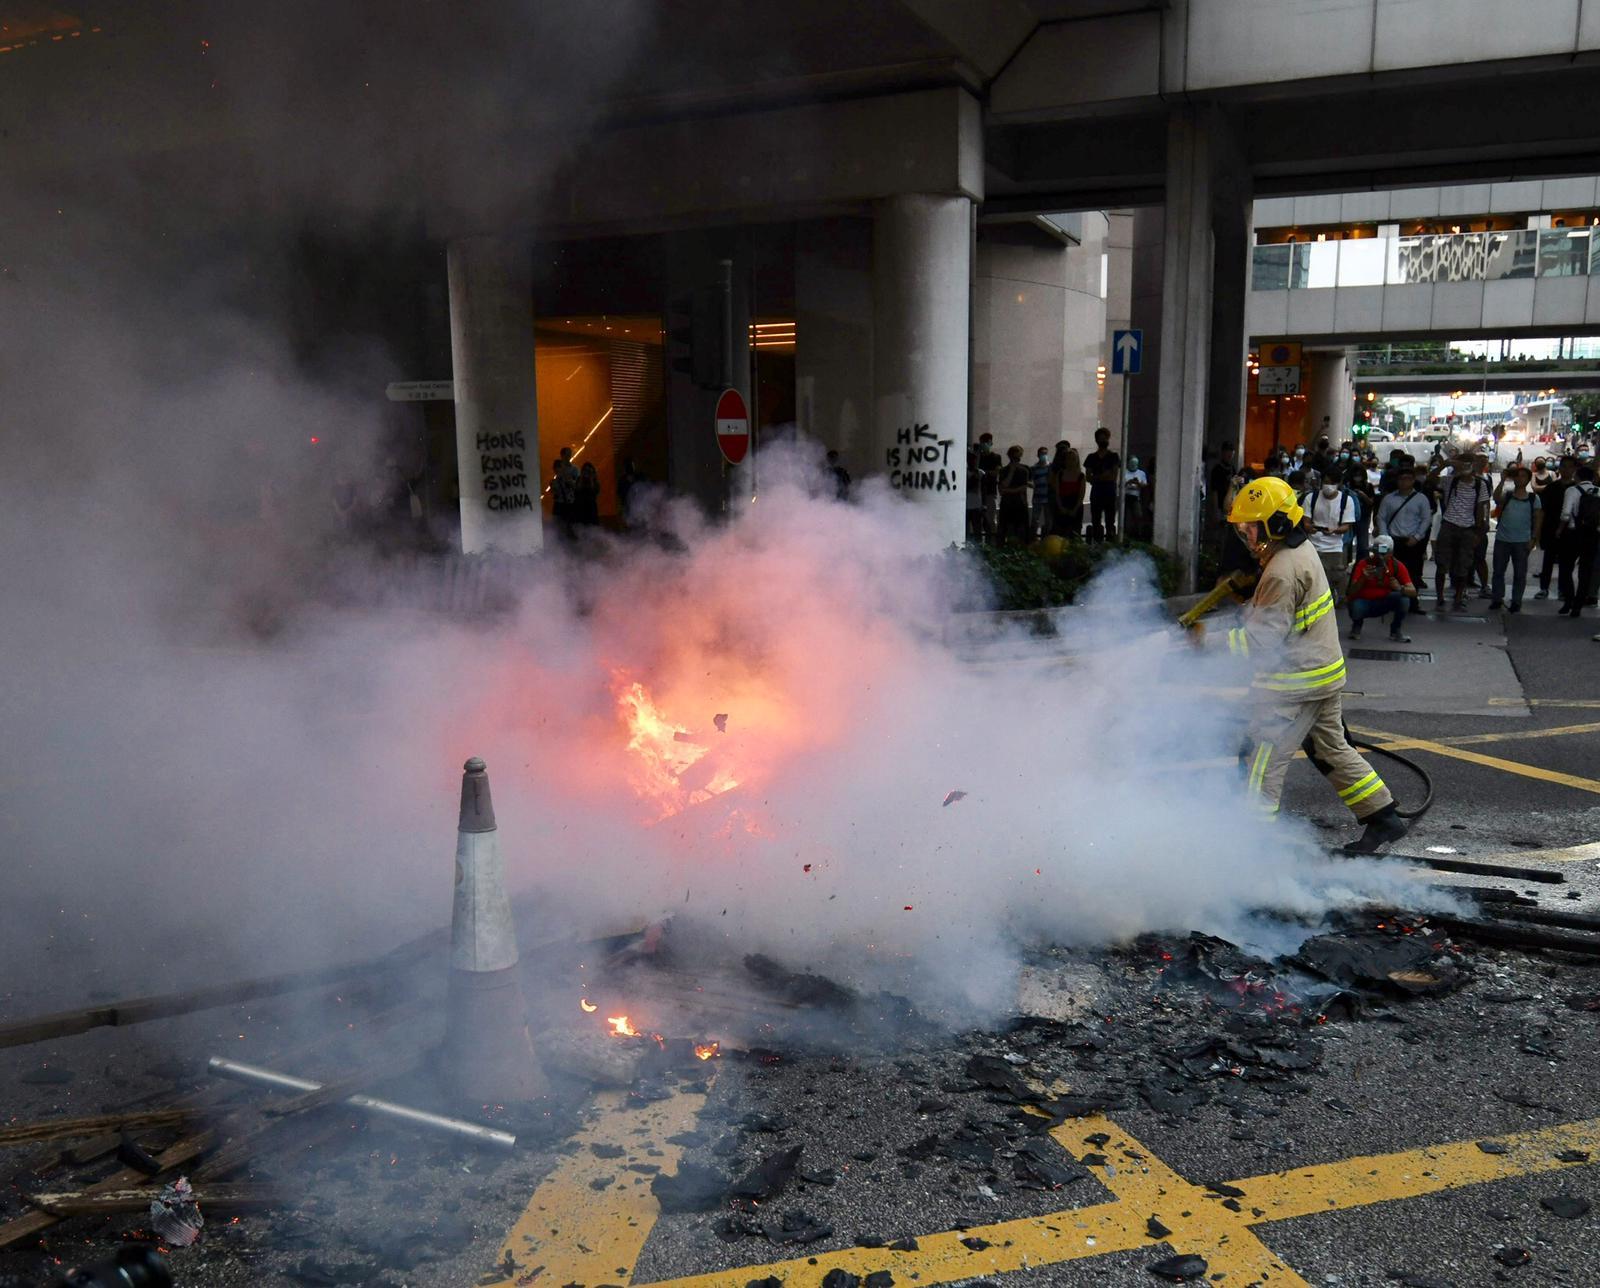 【修例风波】香港站市区预办登机服务暂停 港铁提醒或突然关闭车站